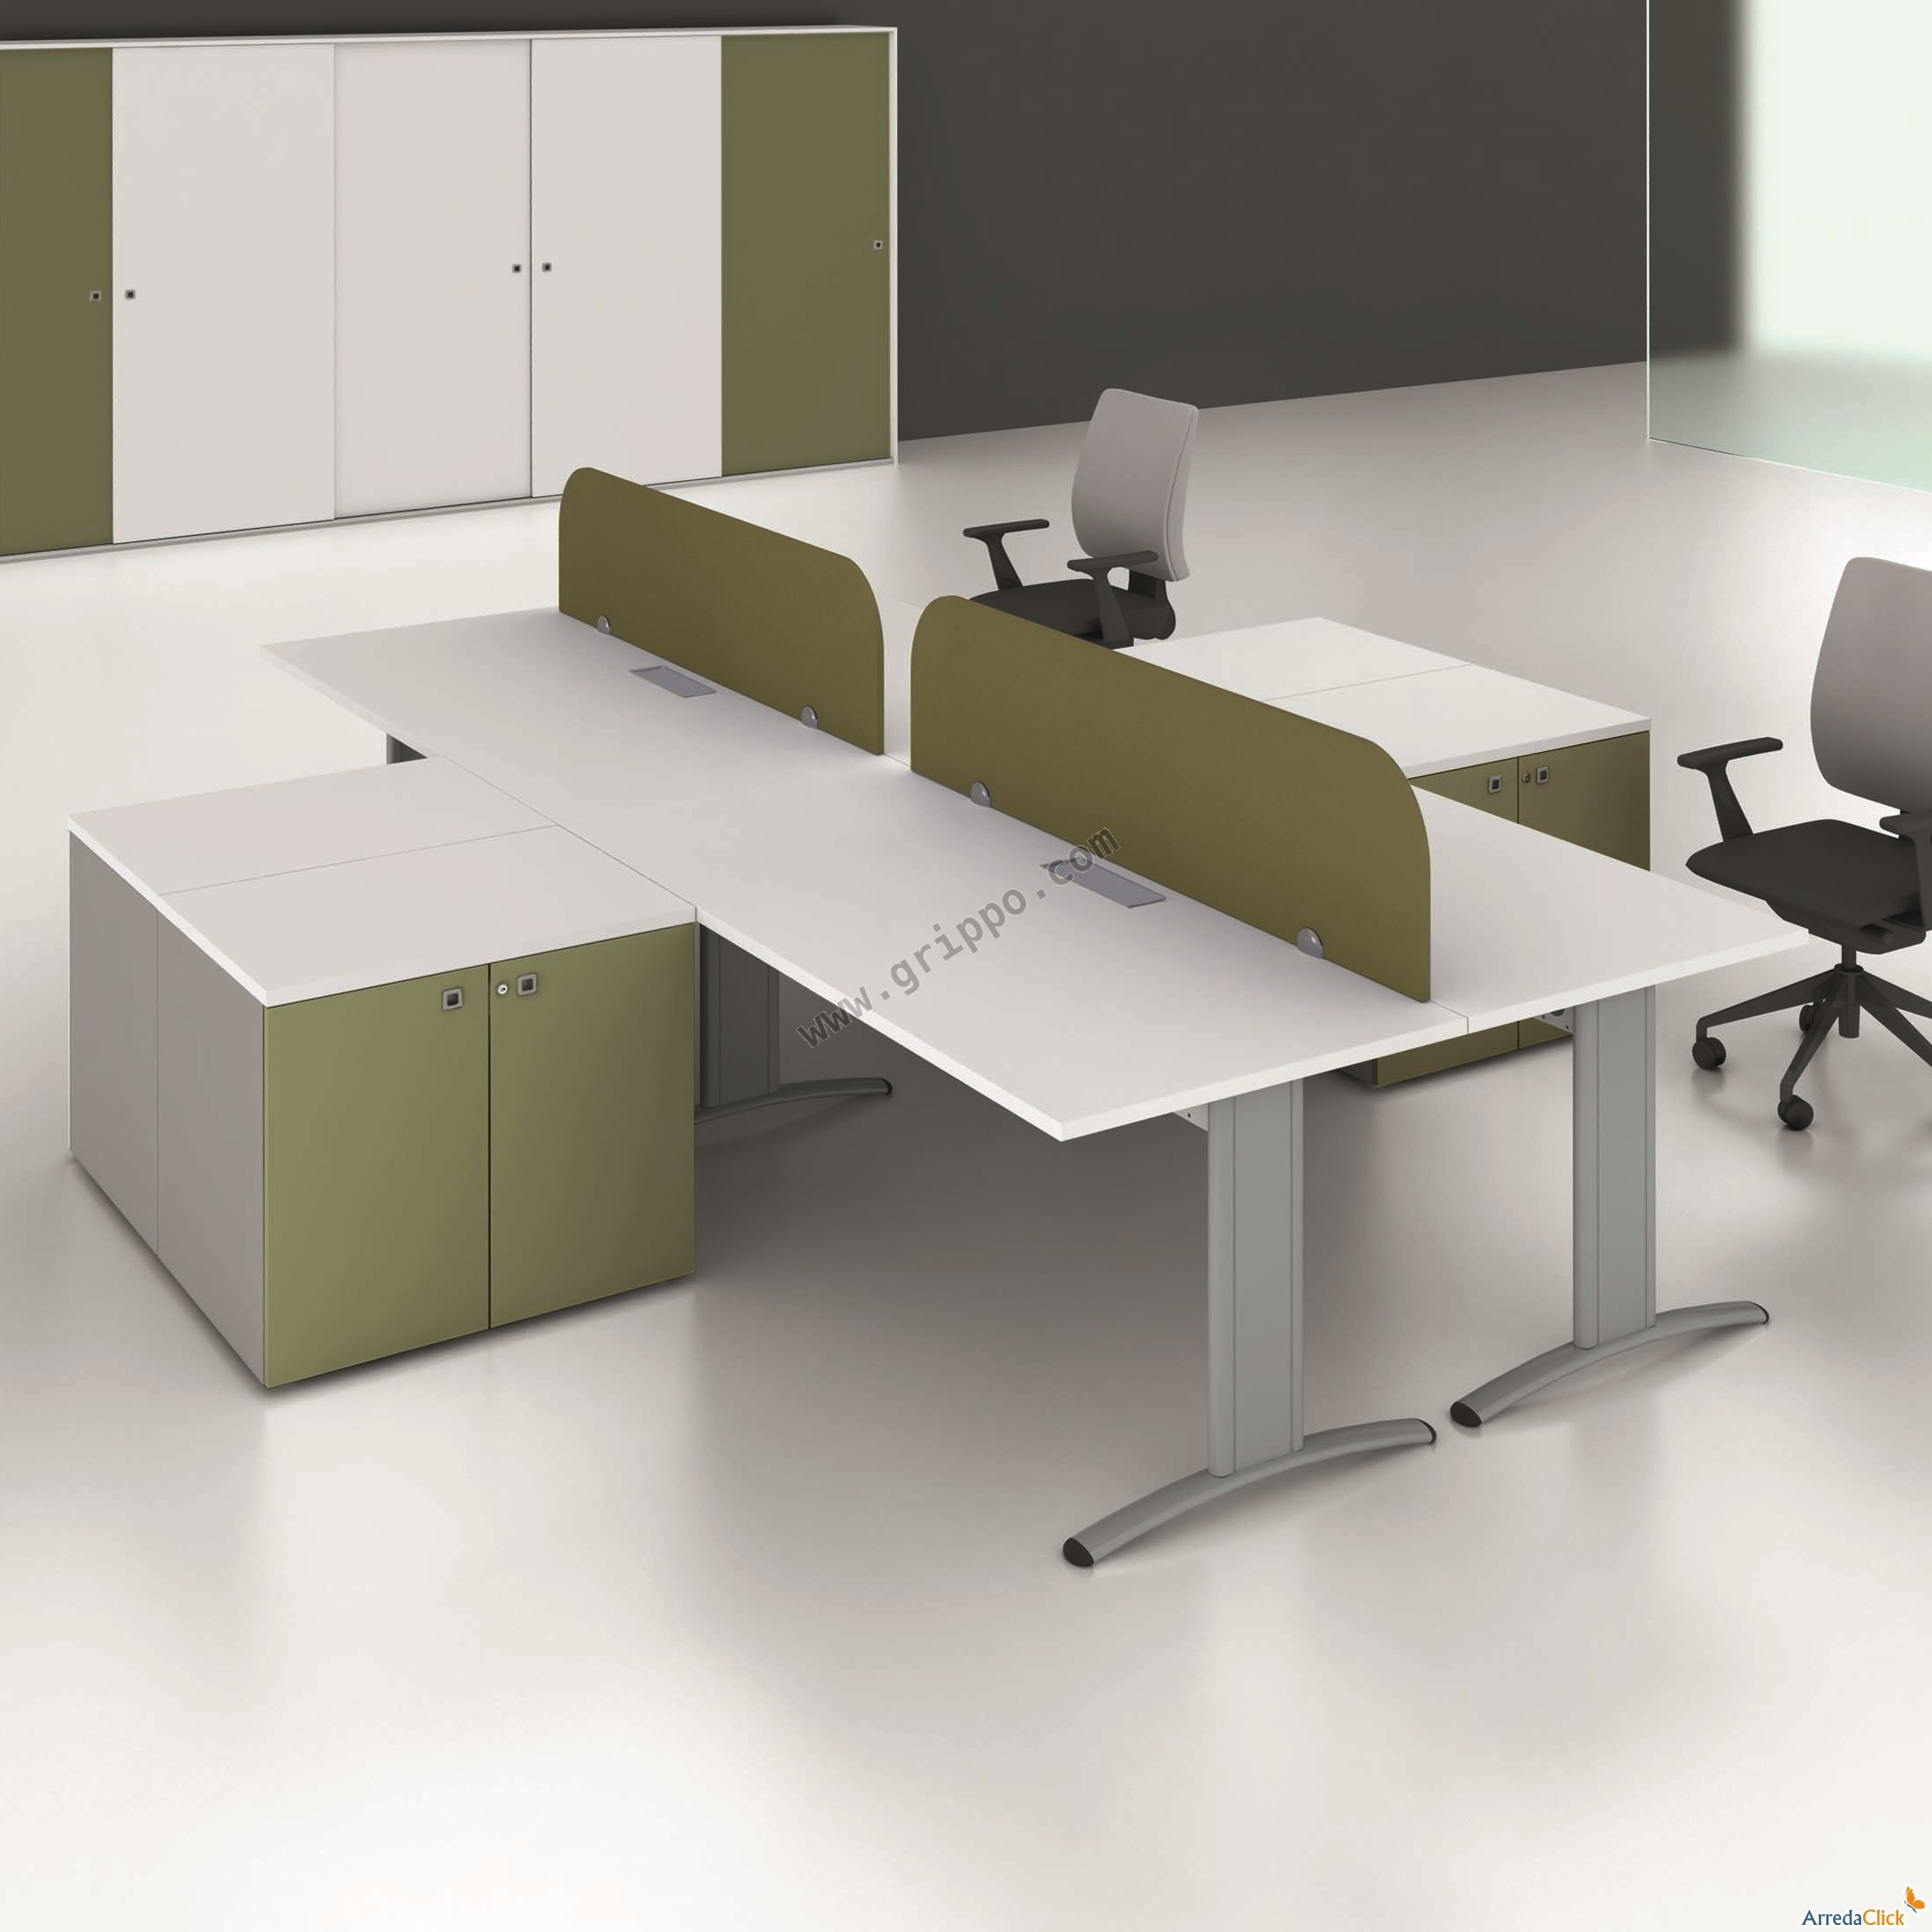 Muebles de oficina sillas sillones complementos dise o for Sillones de diseno